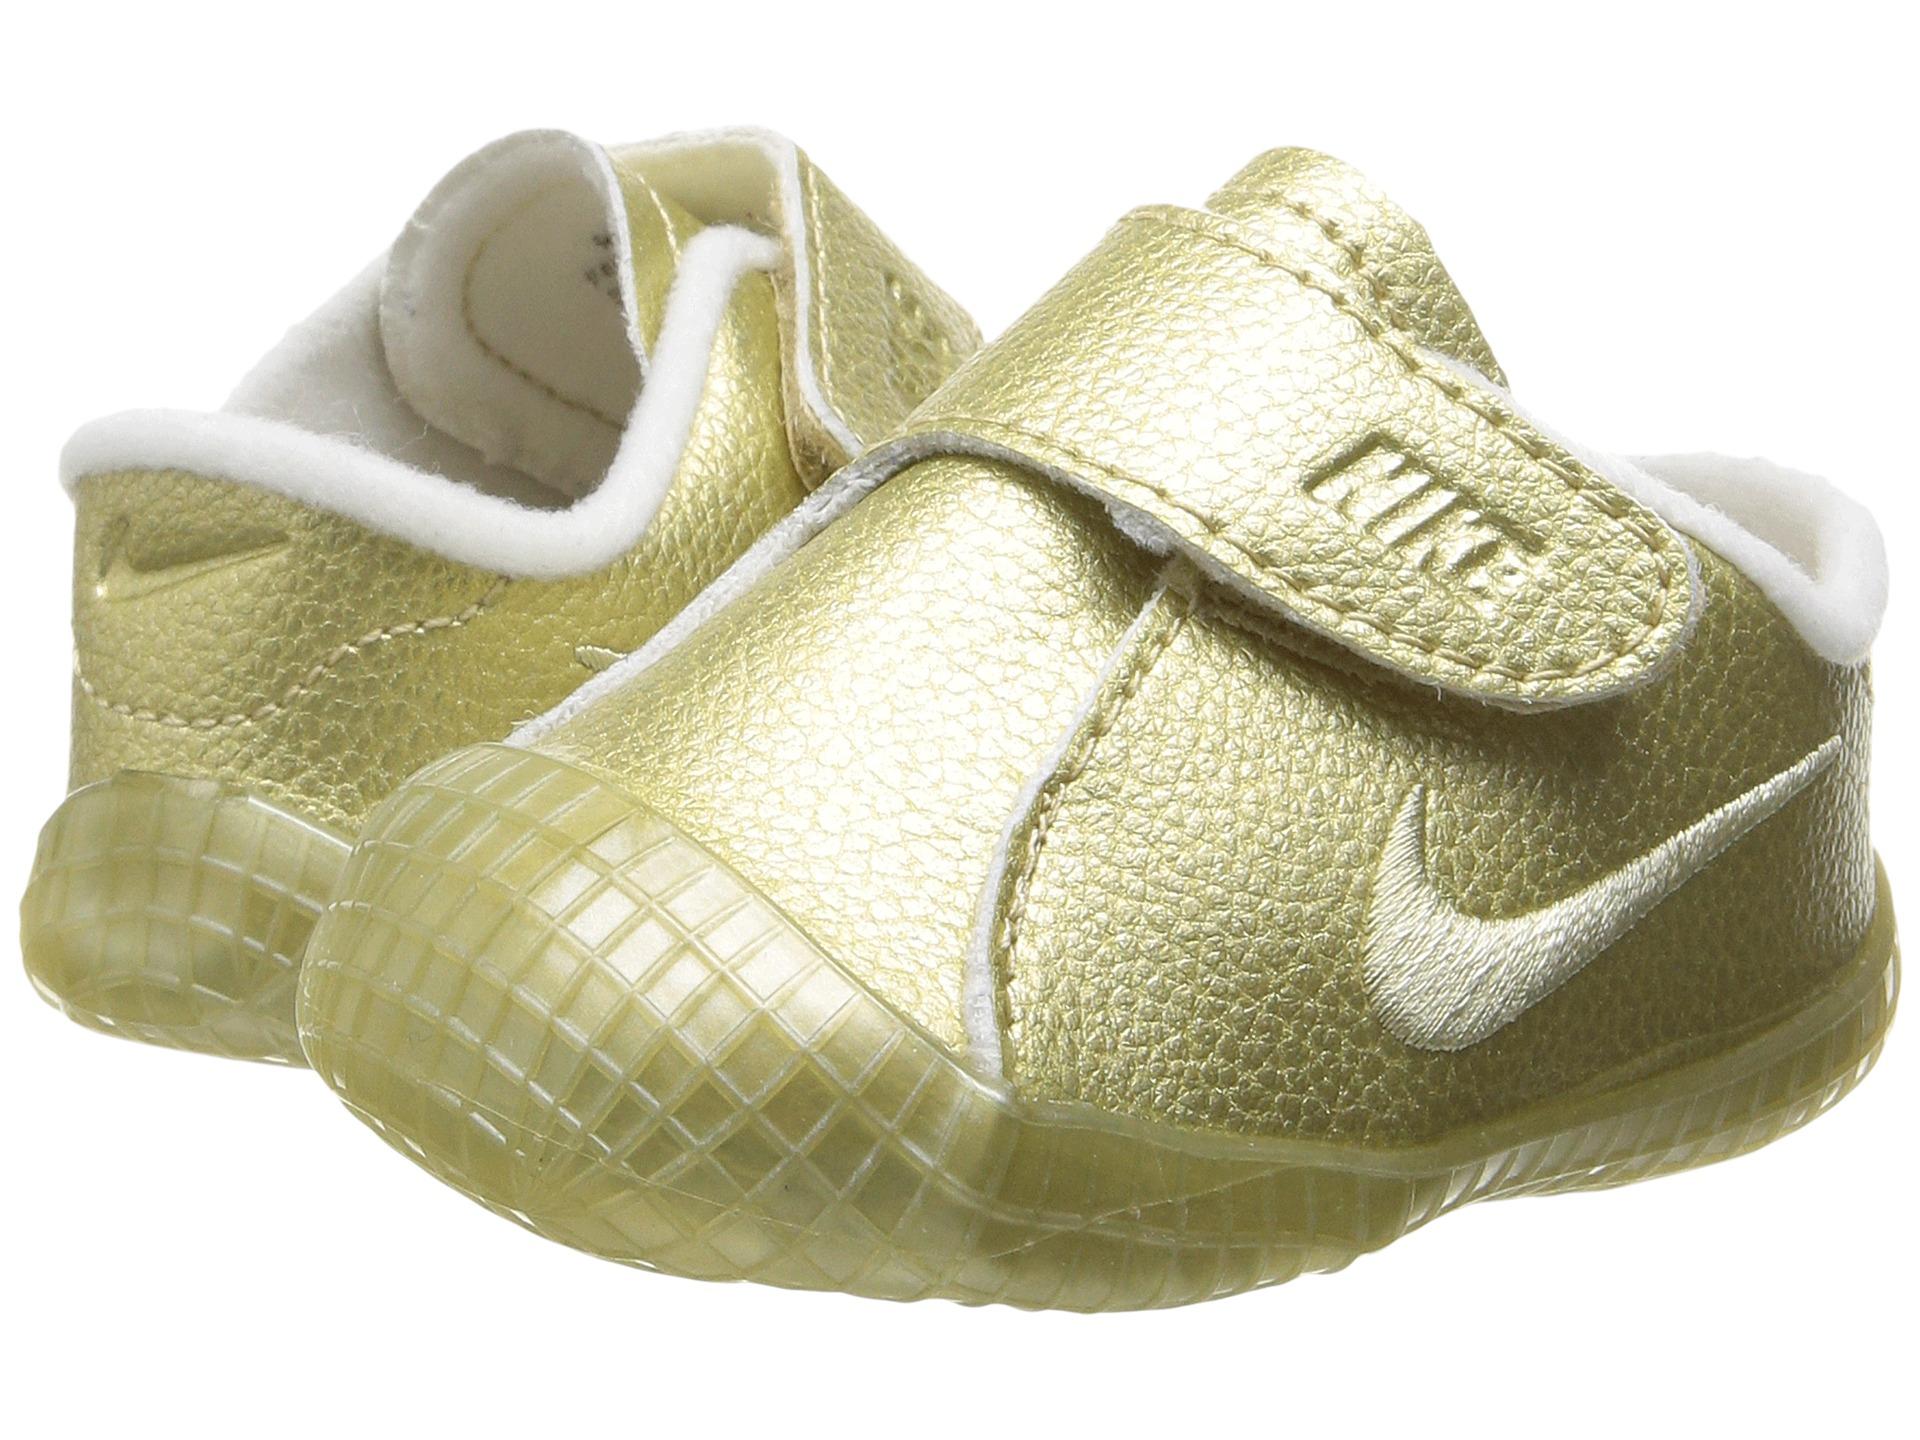 Nike Kids Waffle 1 PRM (Infant/Toddler) Metallic Gold Star ...